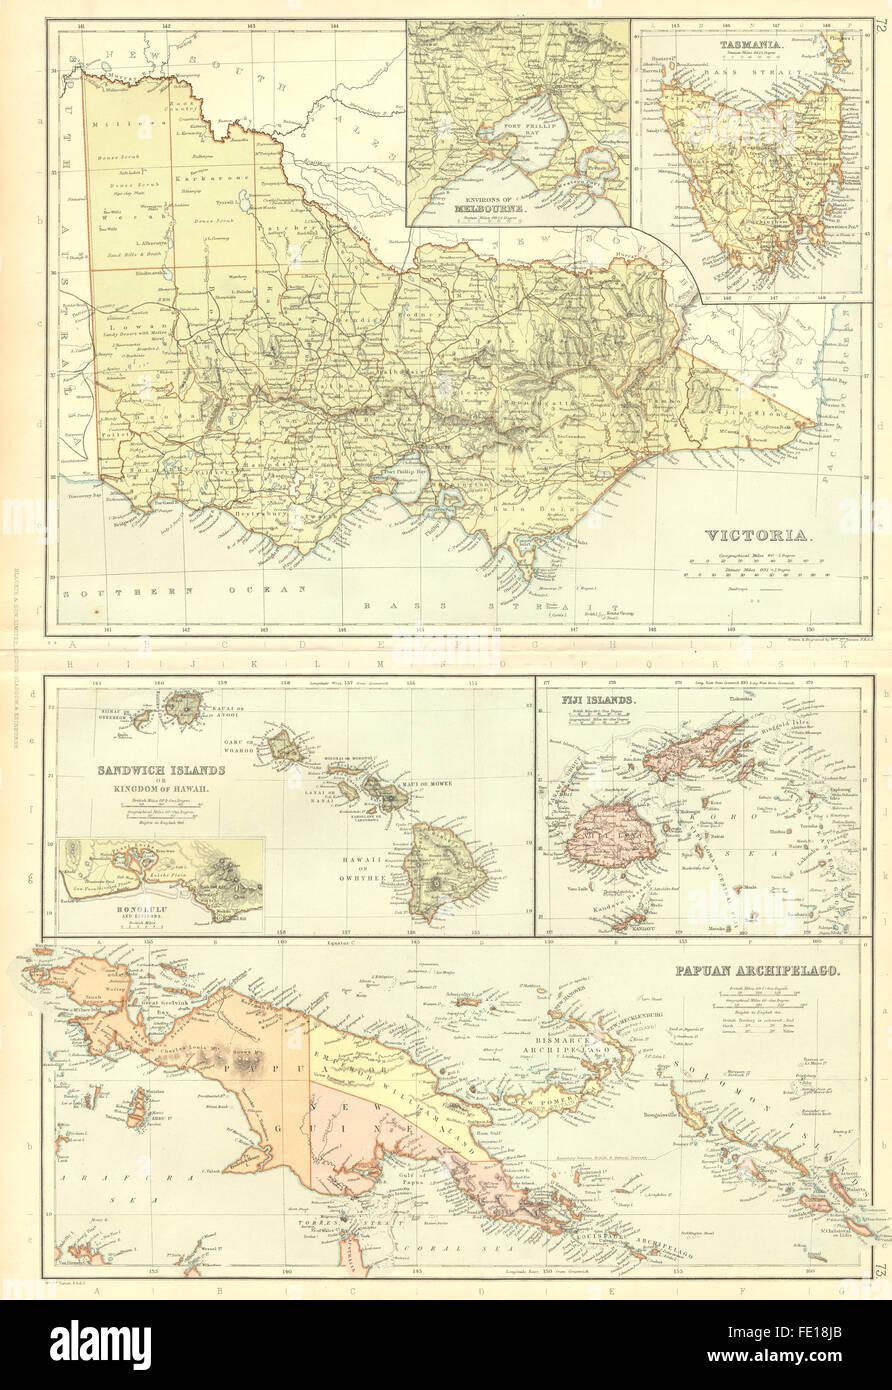 Karte Australien Und Umgebung.Victoria Tasmanien Australien Melbourne Umgebung Einfügen